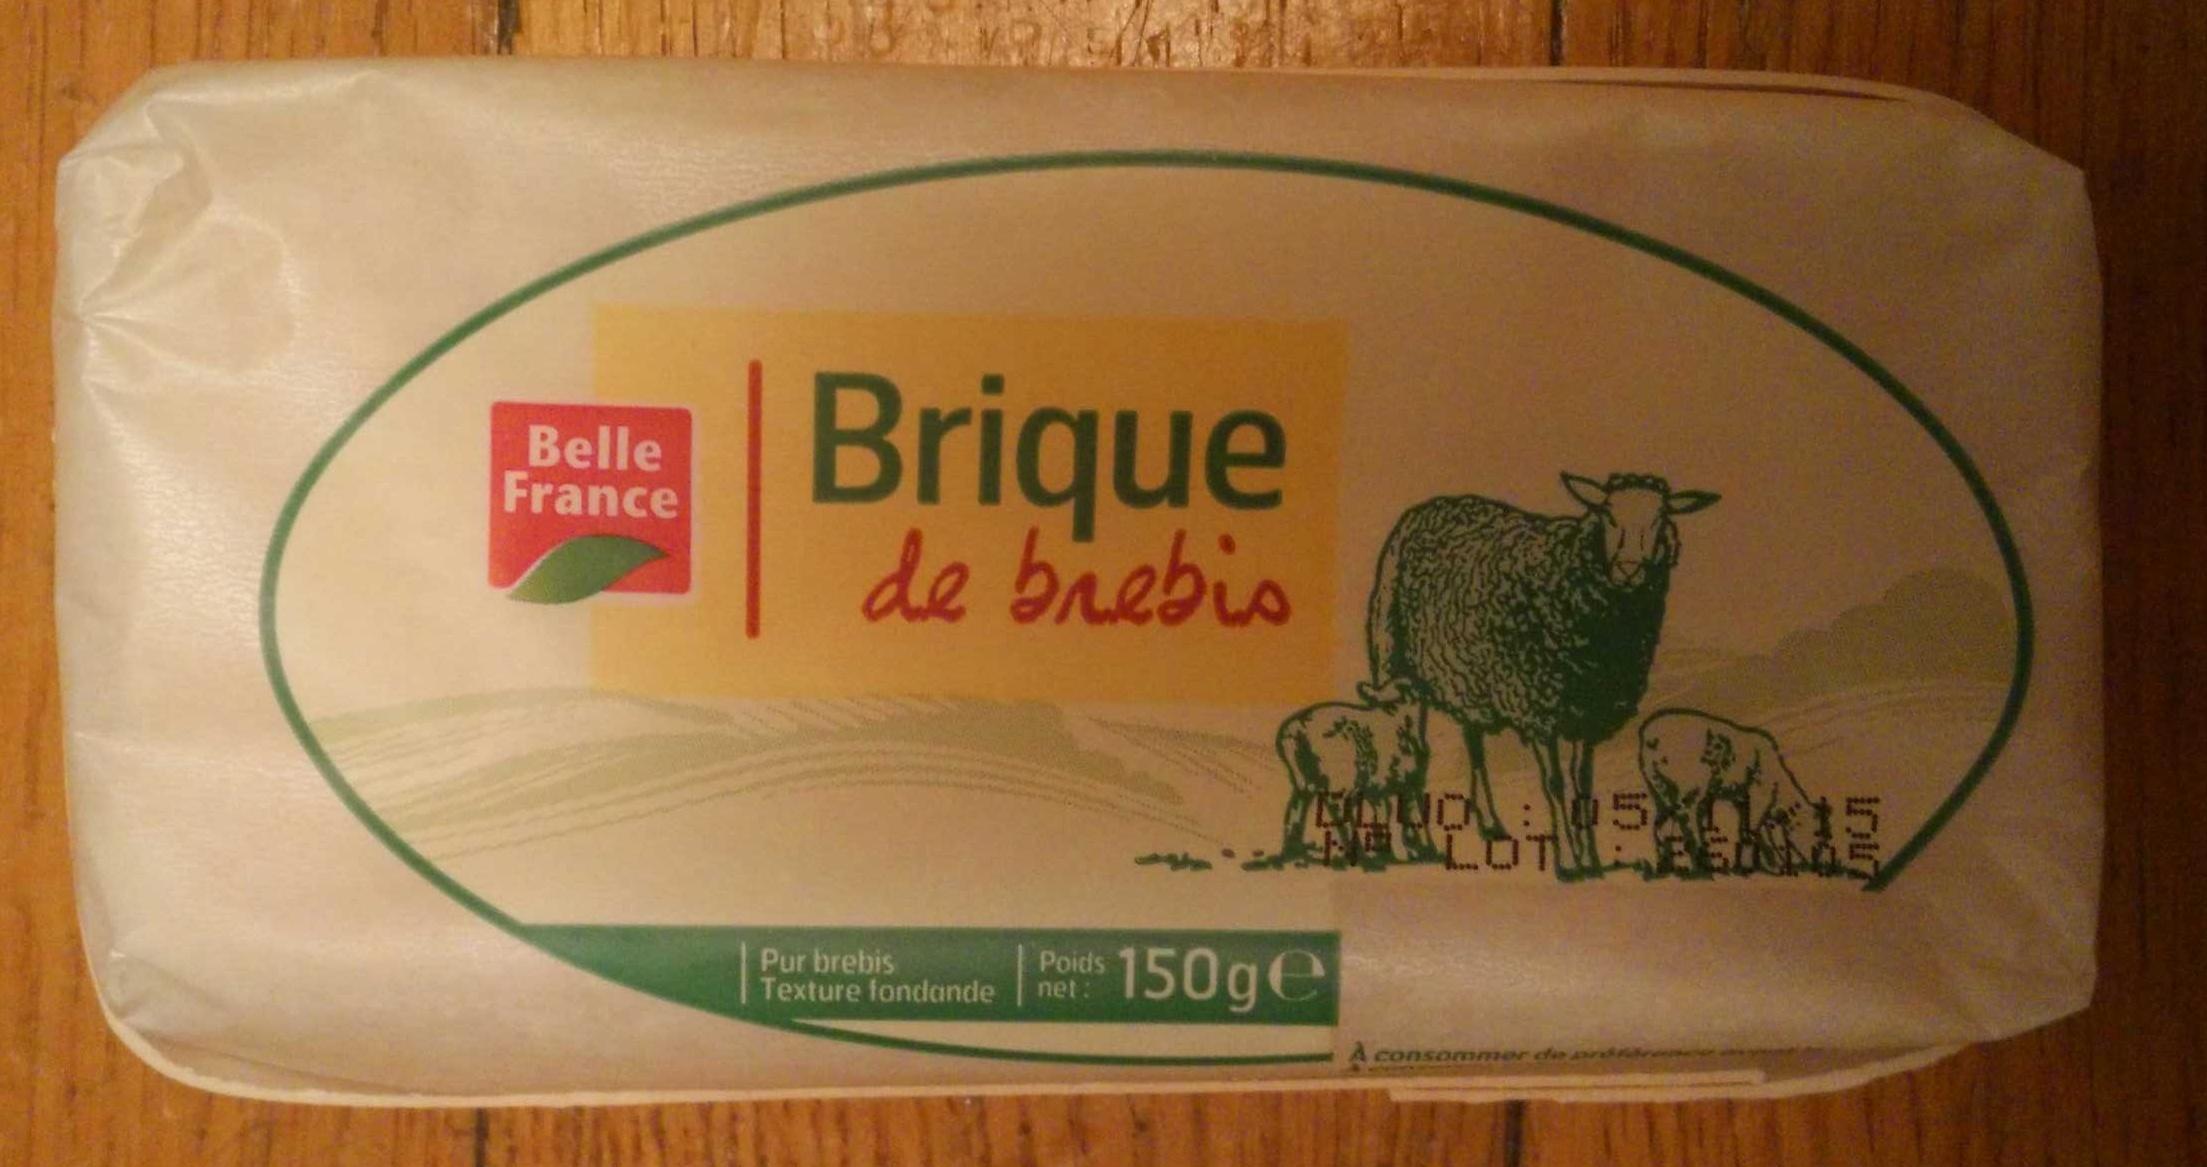 Brique de Brebis (26,3% MG) - Producto